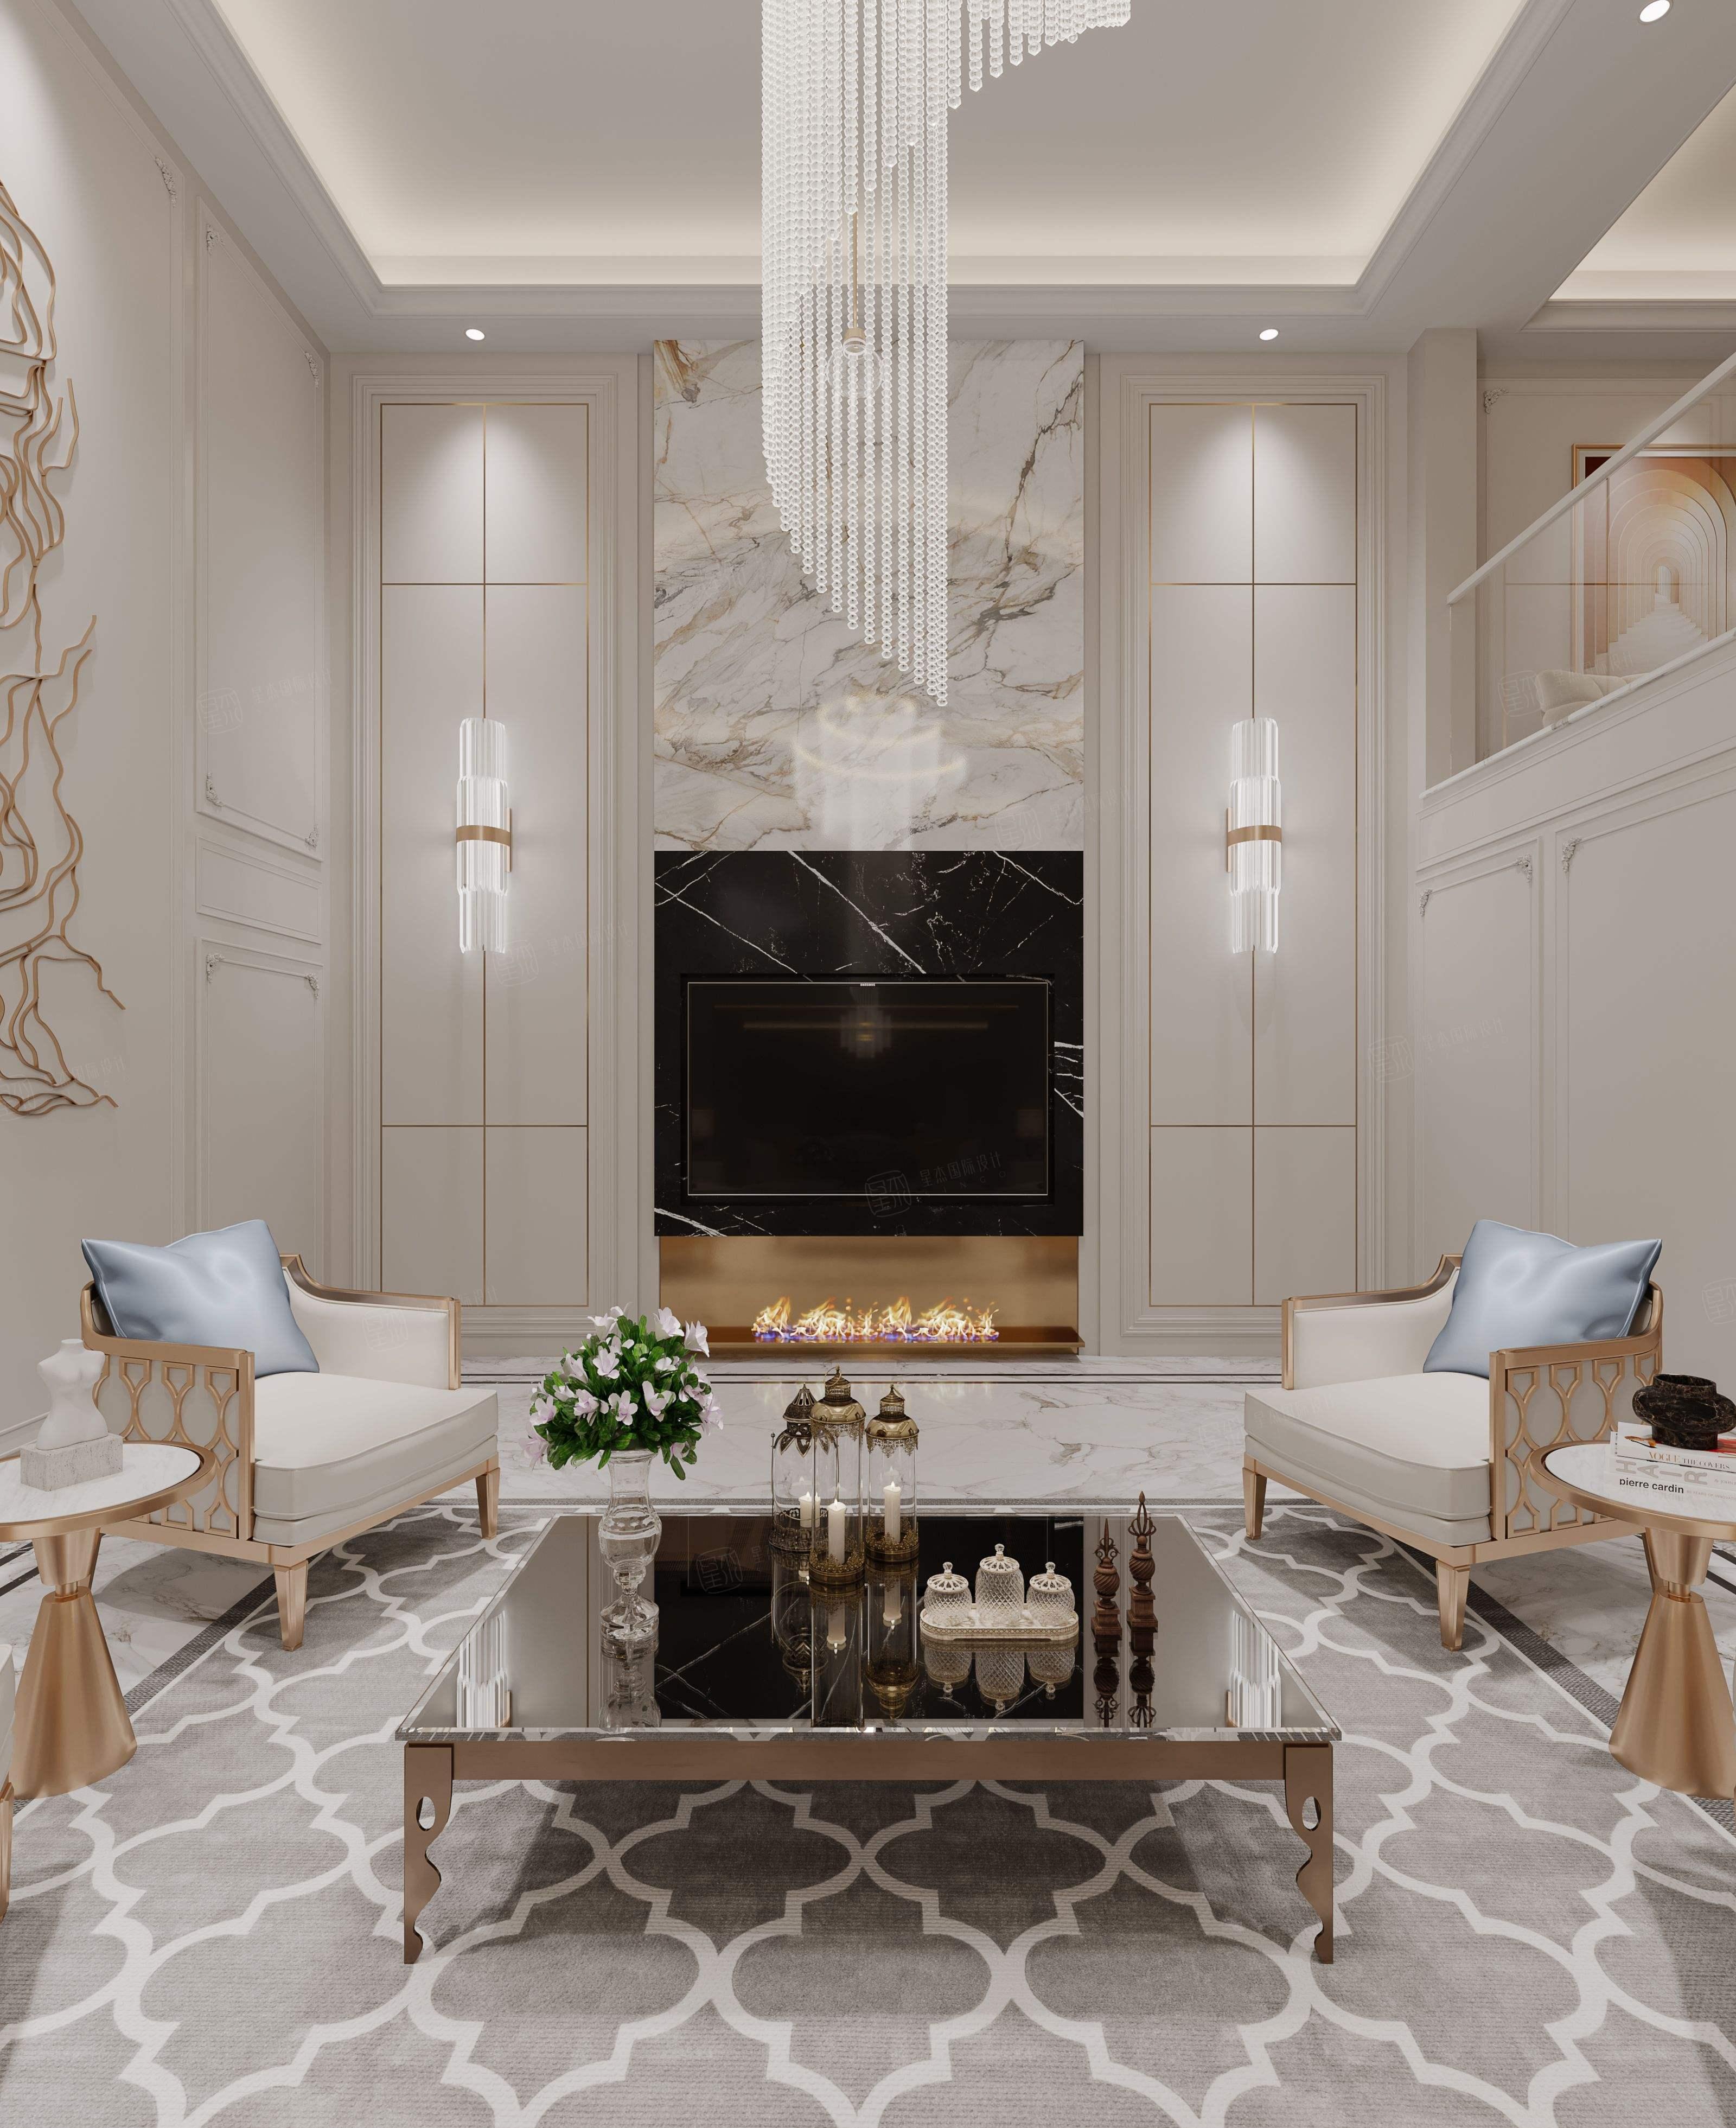 龙湖华宇云峰原著  法式风格装修客厅效果图